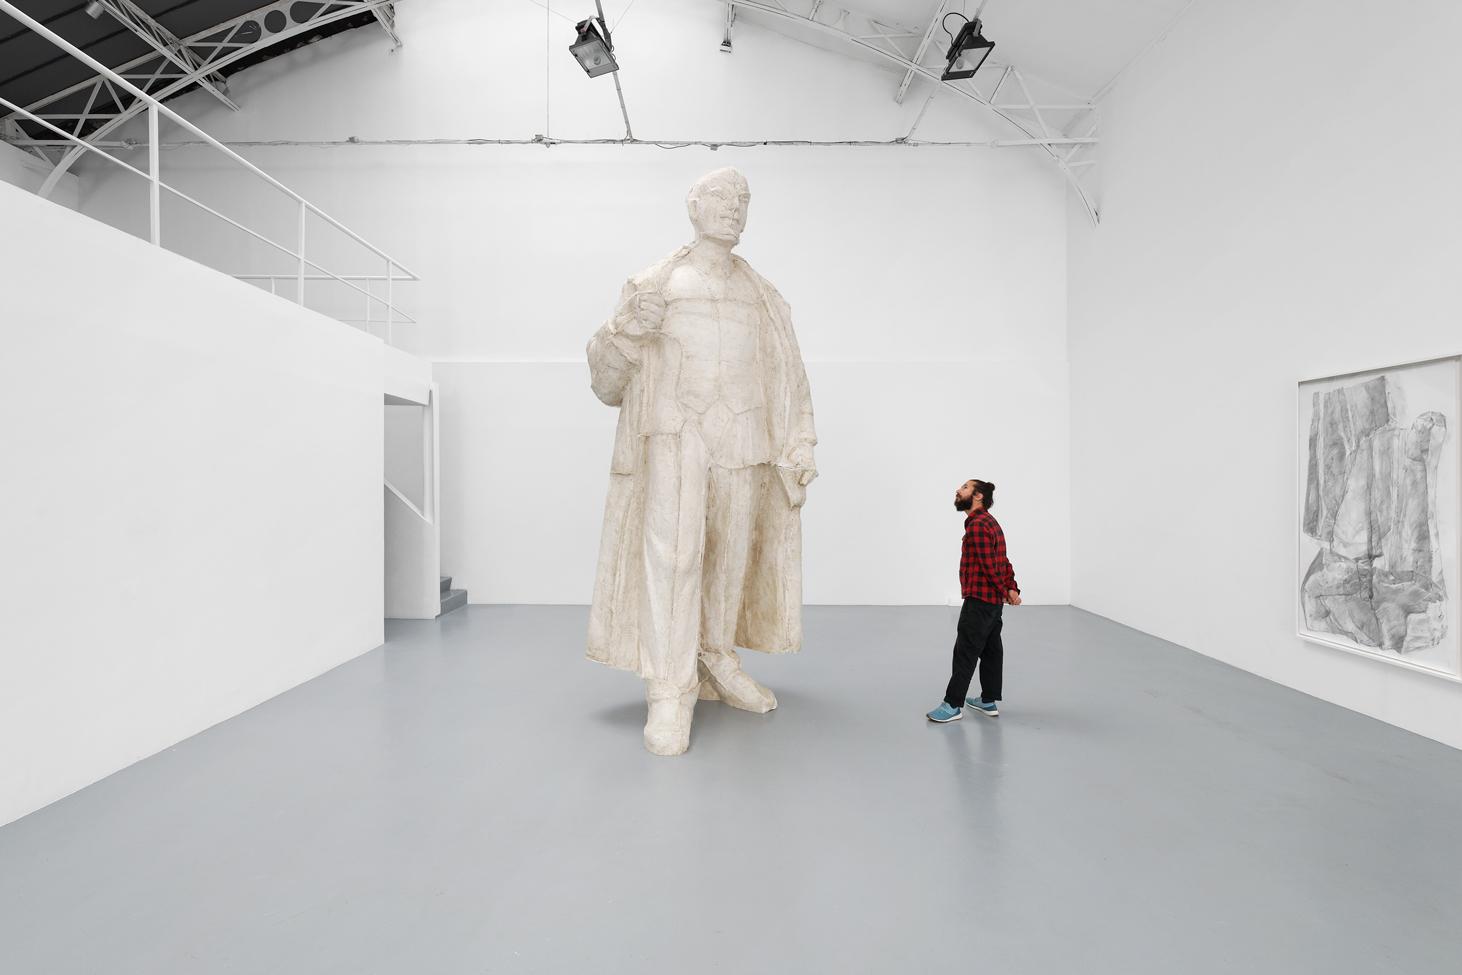 Incarnation, Ciprian Mureșan, 2020, Unique, Resin, 399 (H) x 165 x 143 cm  — Galerie Éric Hussenot, Paris